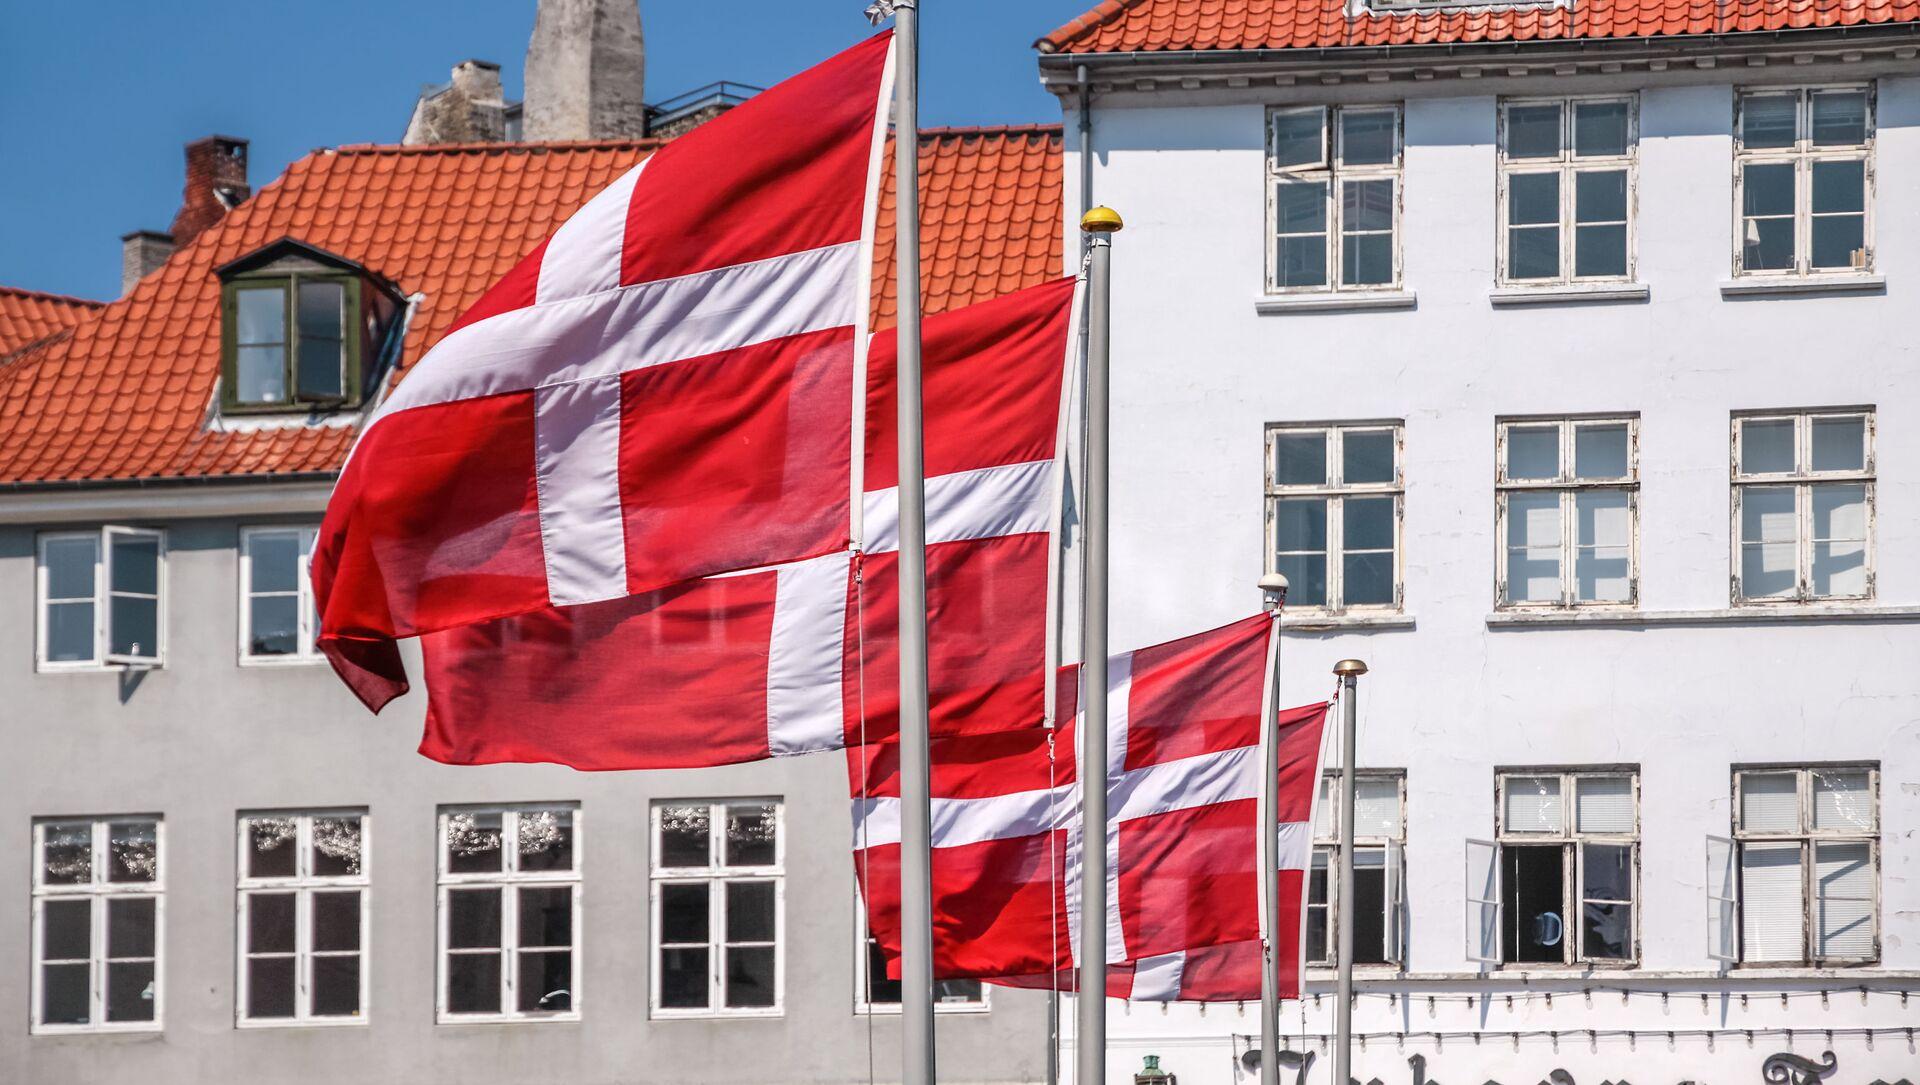 Quốc kỳ của Đan Mạch. - Sputnik Việt Nam, 1920, 31.05.2021